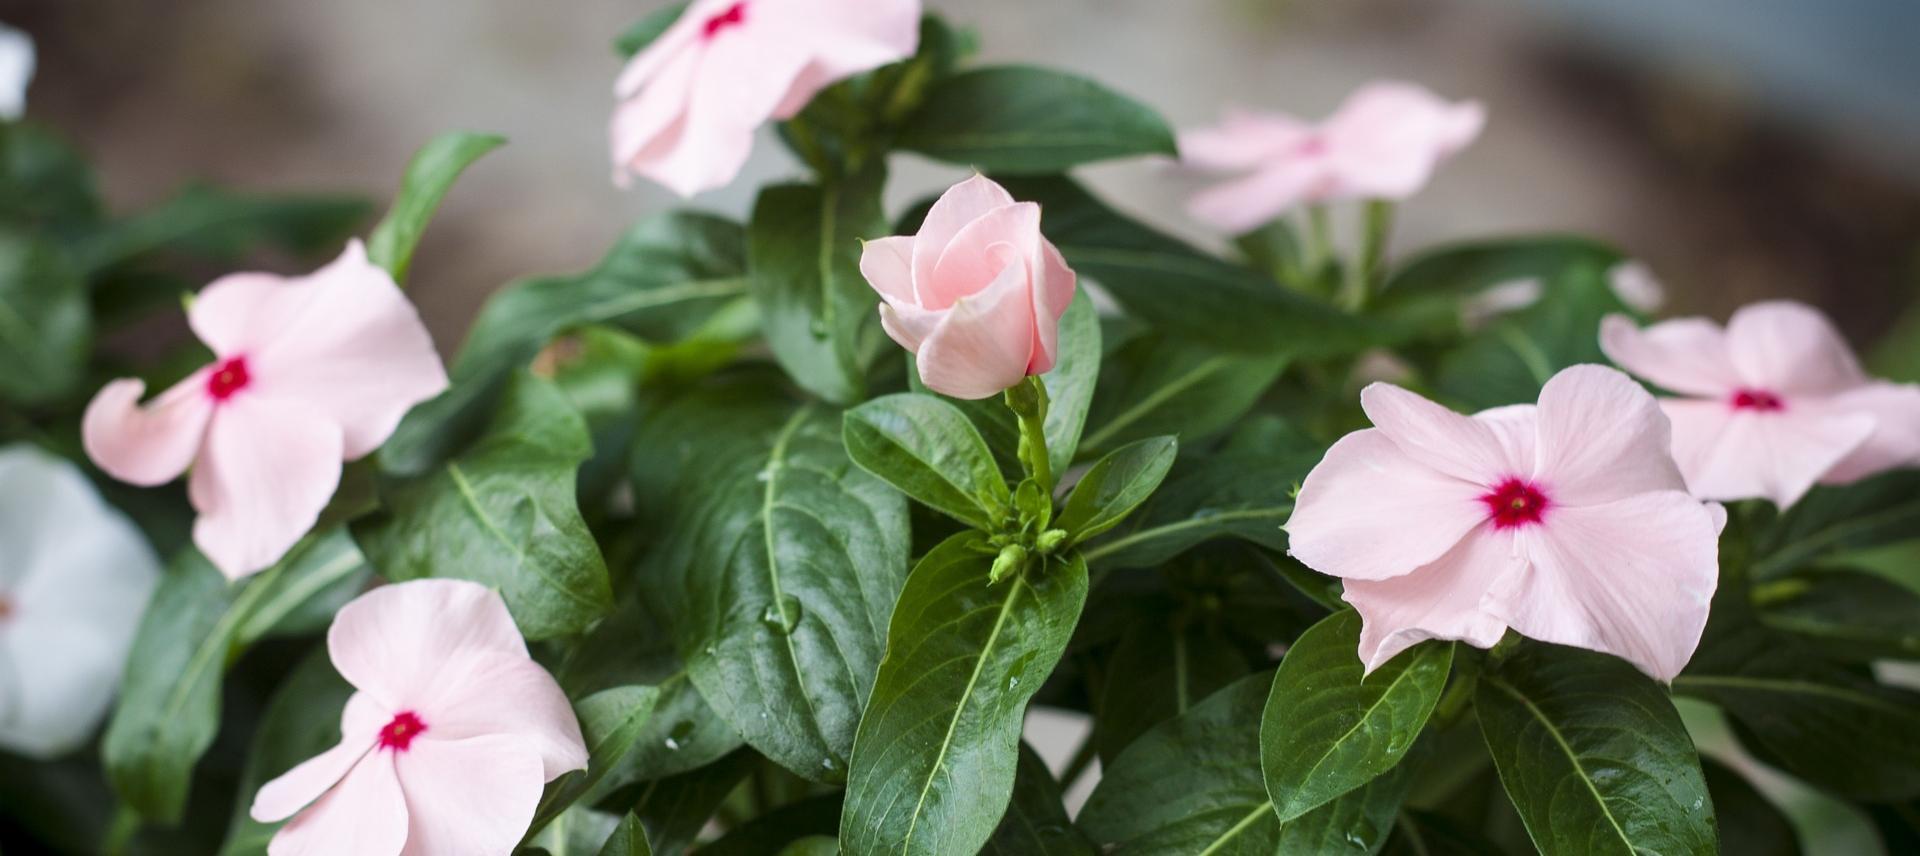 6 Easy Spring Garden Prep Tips